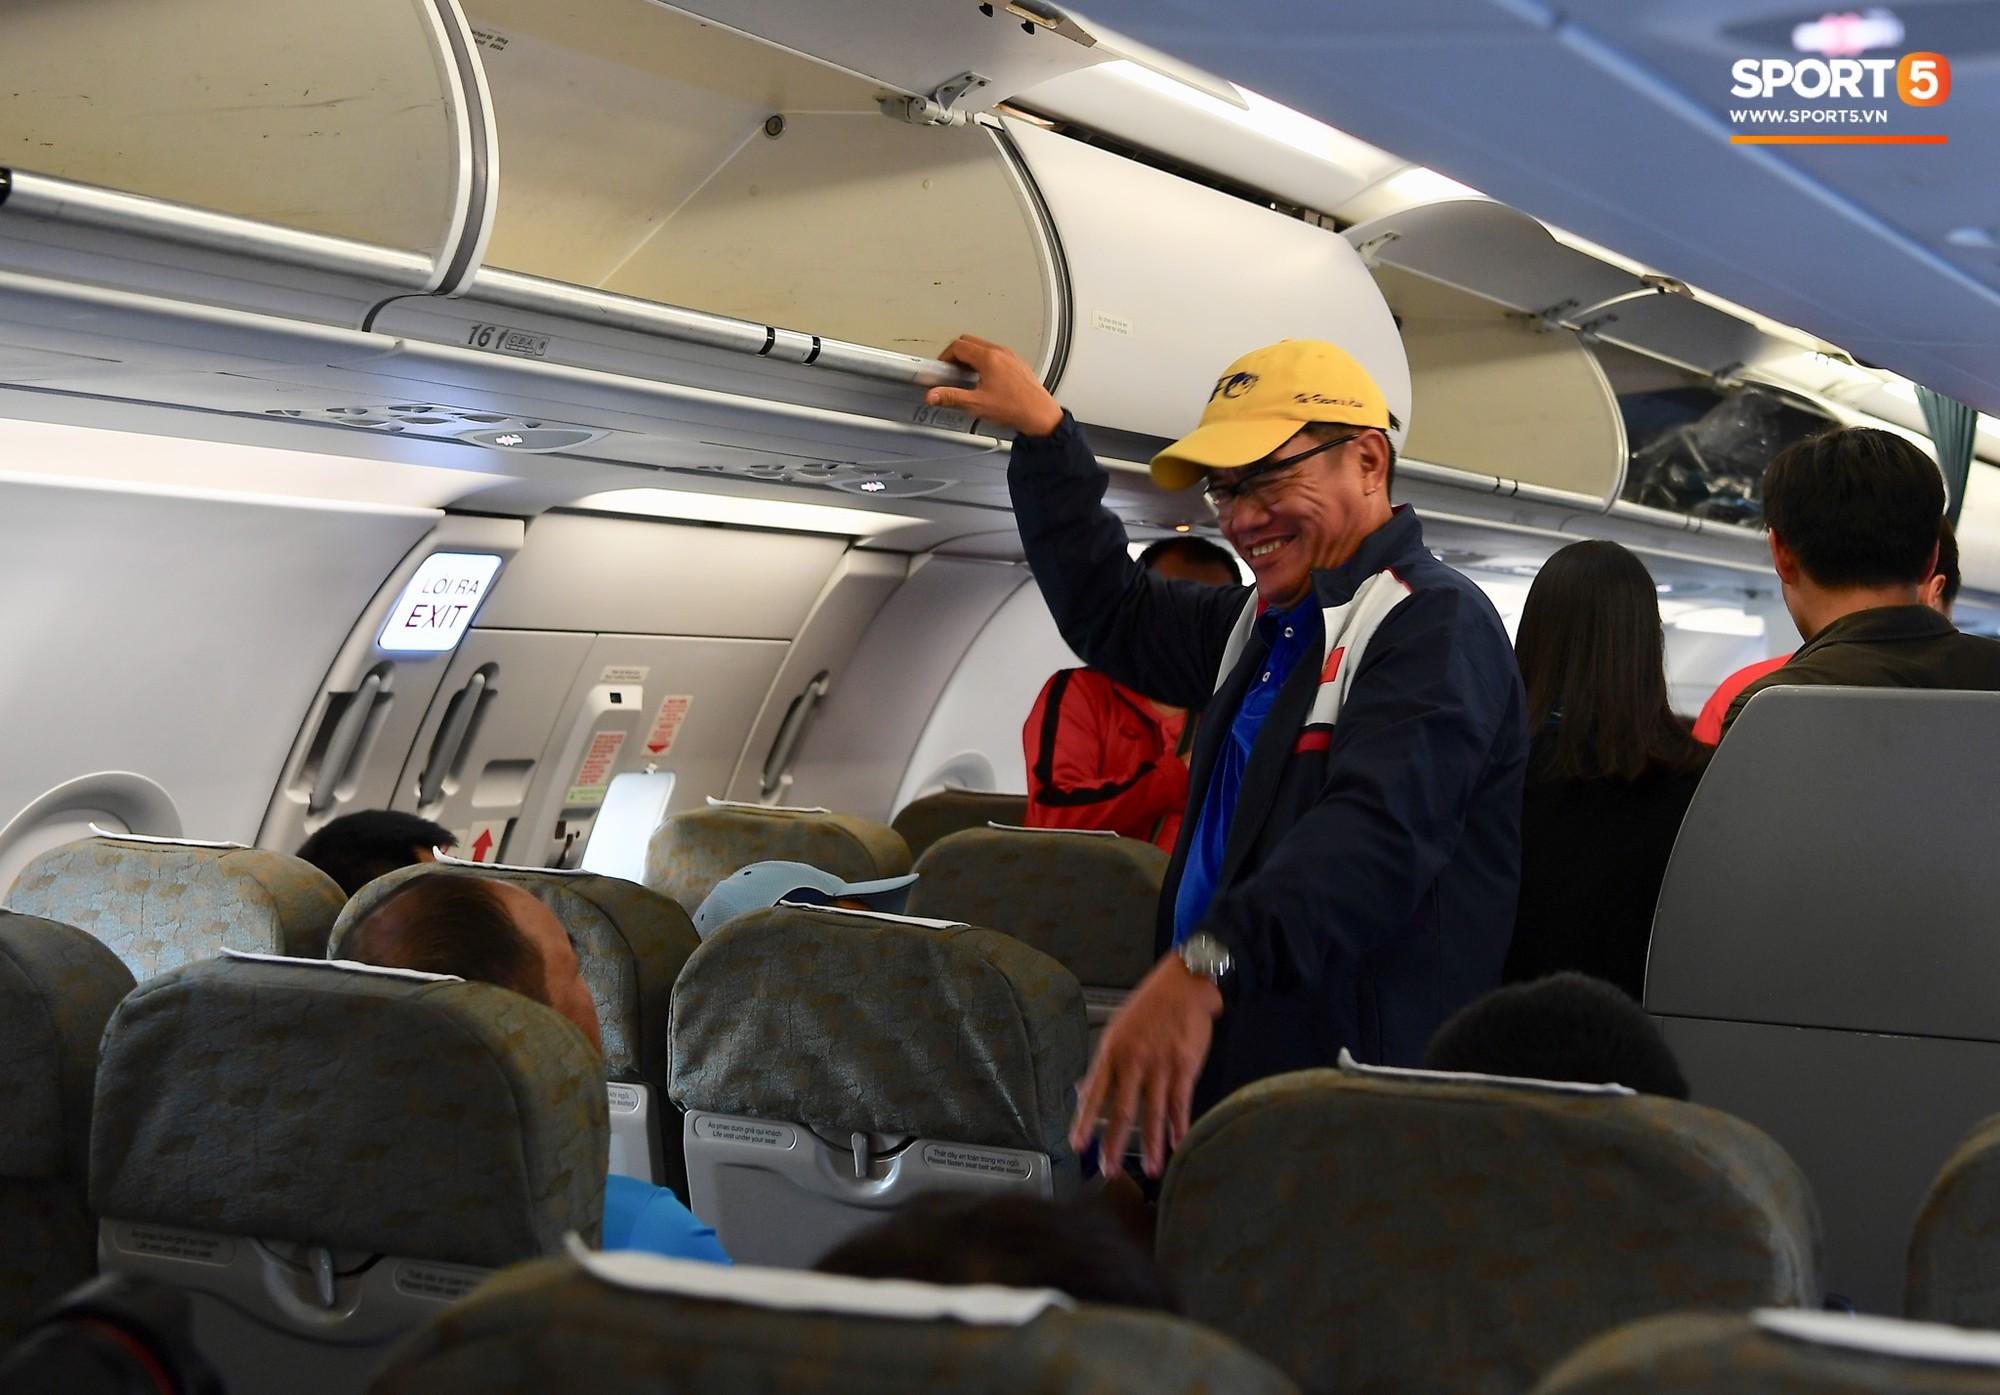 Khoảng 15h30 giờ địa phương (14h30 giờ Việt nam), ban huấn luyện và các cầu thủ Việt Nam hào hứng khi máy bay vừa hạ cánh tới Bacolod (Philippines). Ảnh: Hiếu Lương.